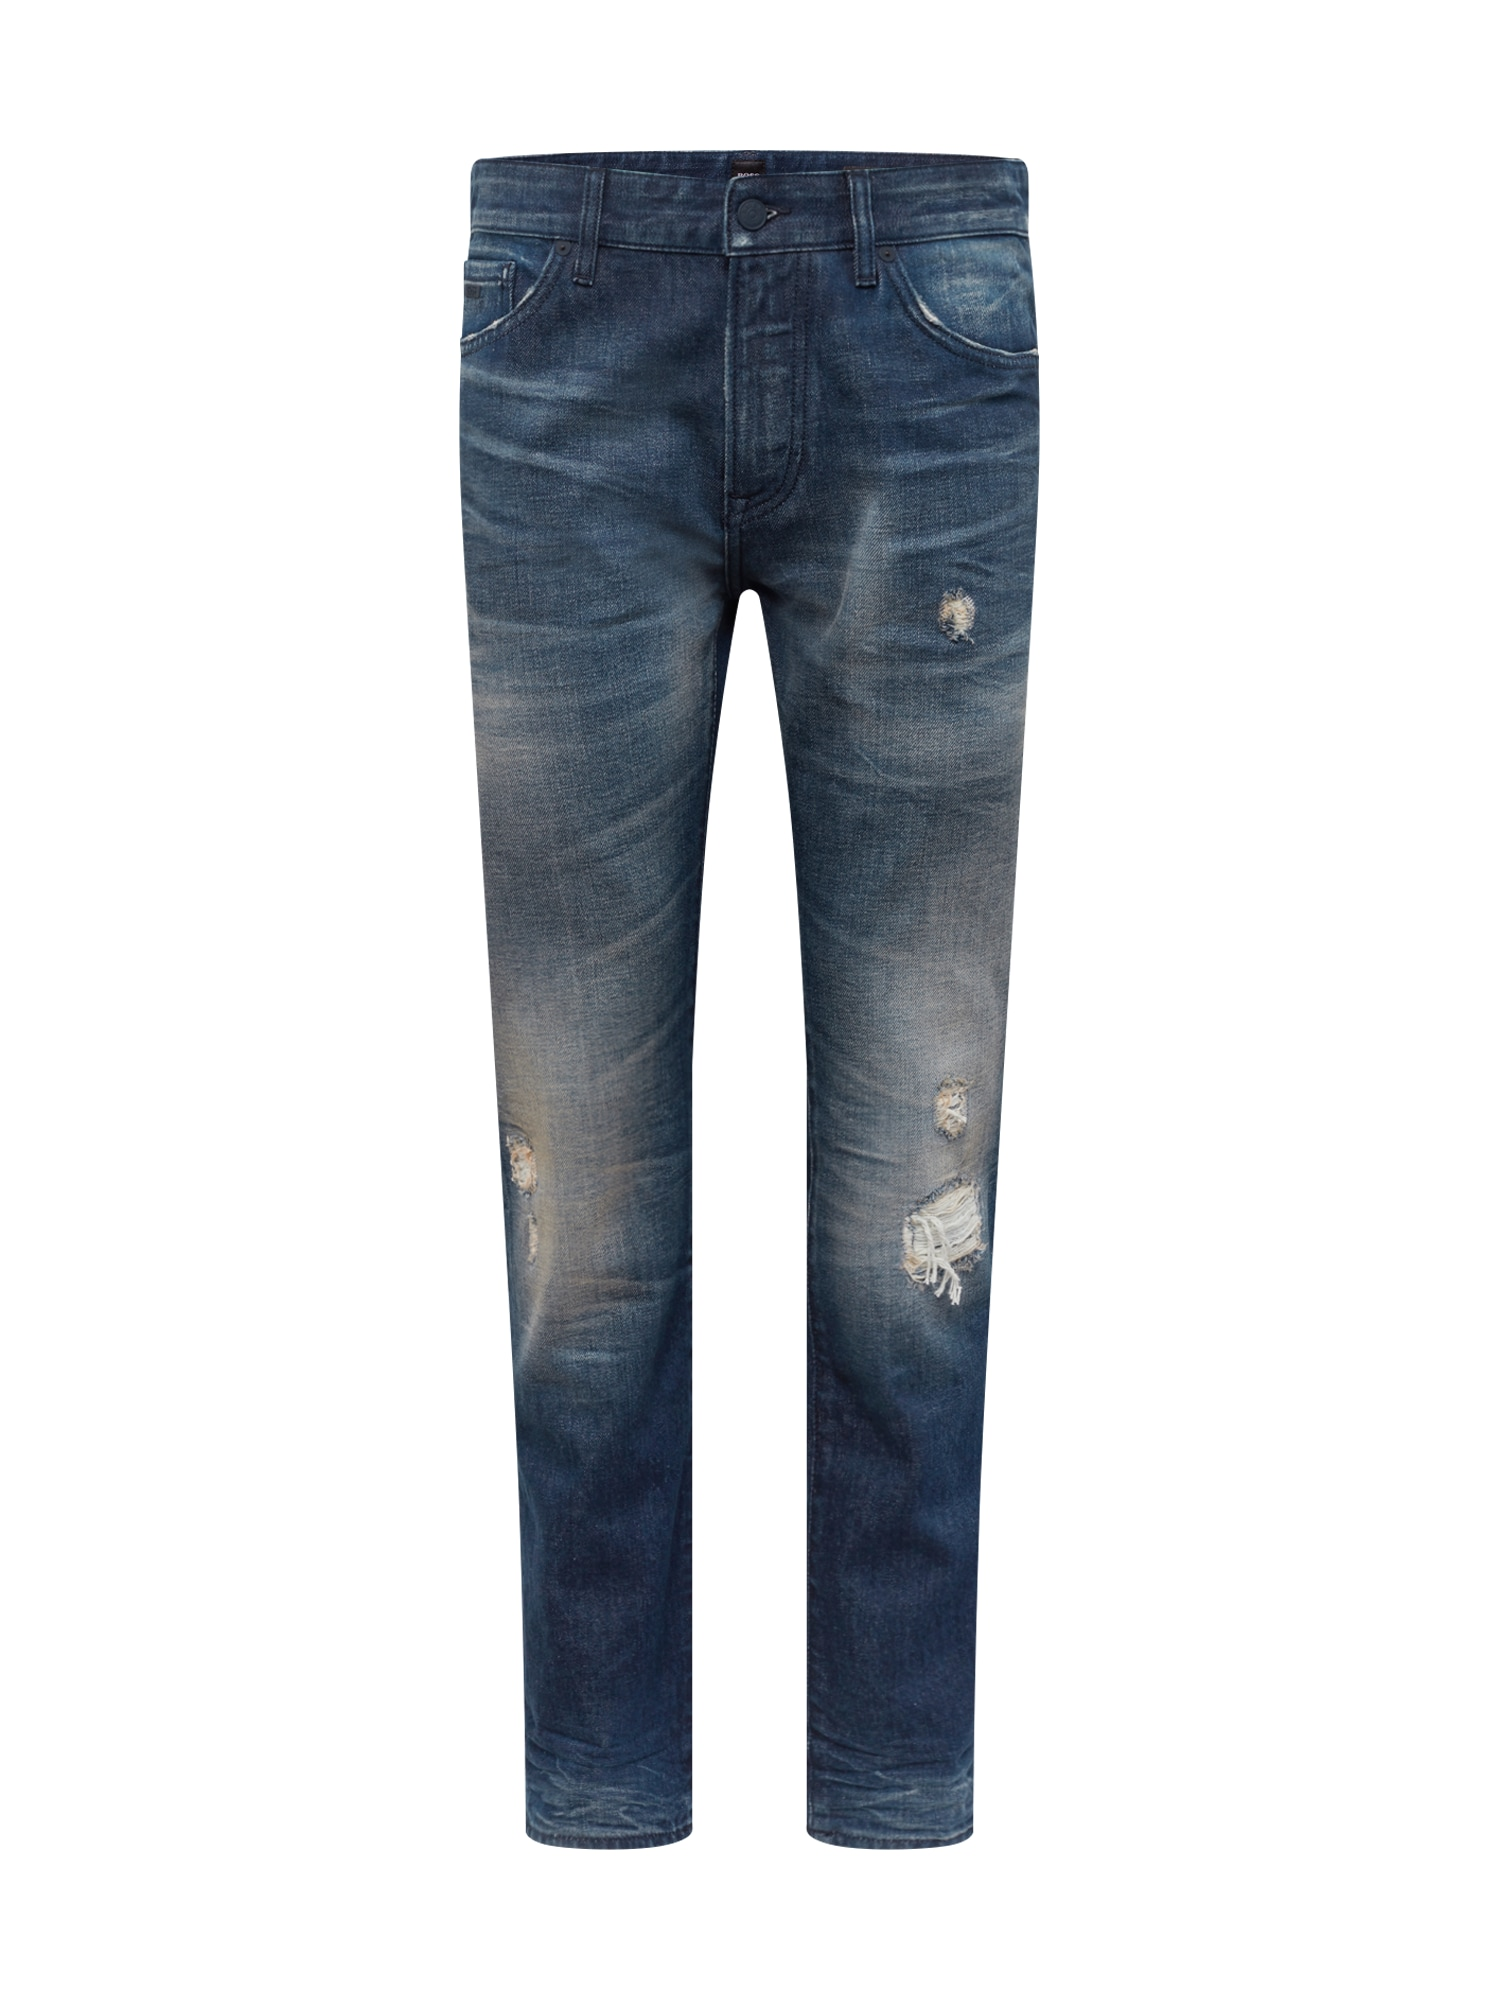 Džíny Maine BC-L 10218017 01 modrá džínovina BOSS